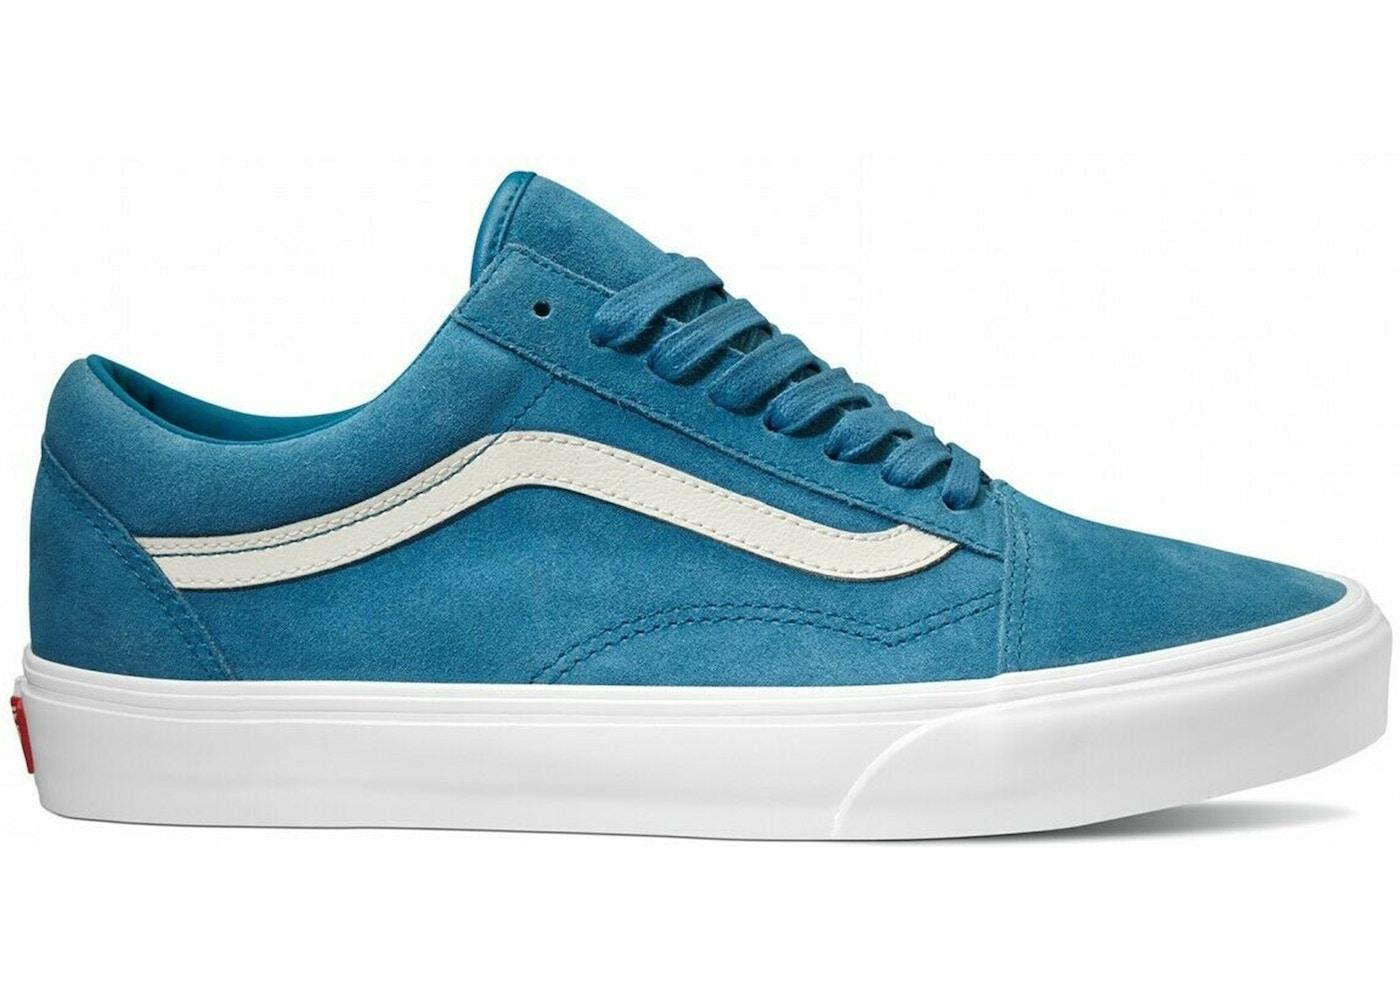 Vans Old Skool Soft Suede Sapphire Blue